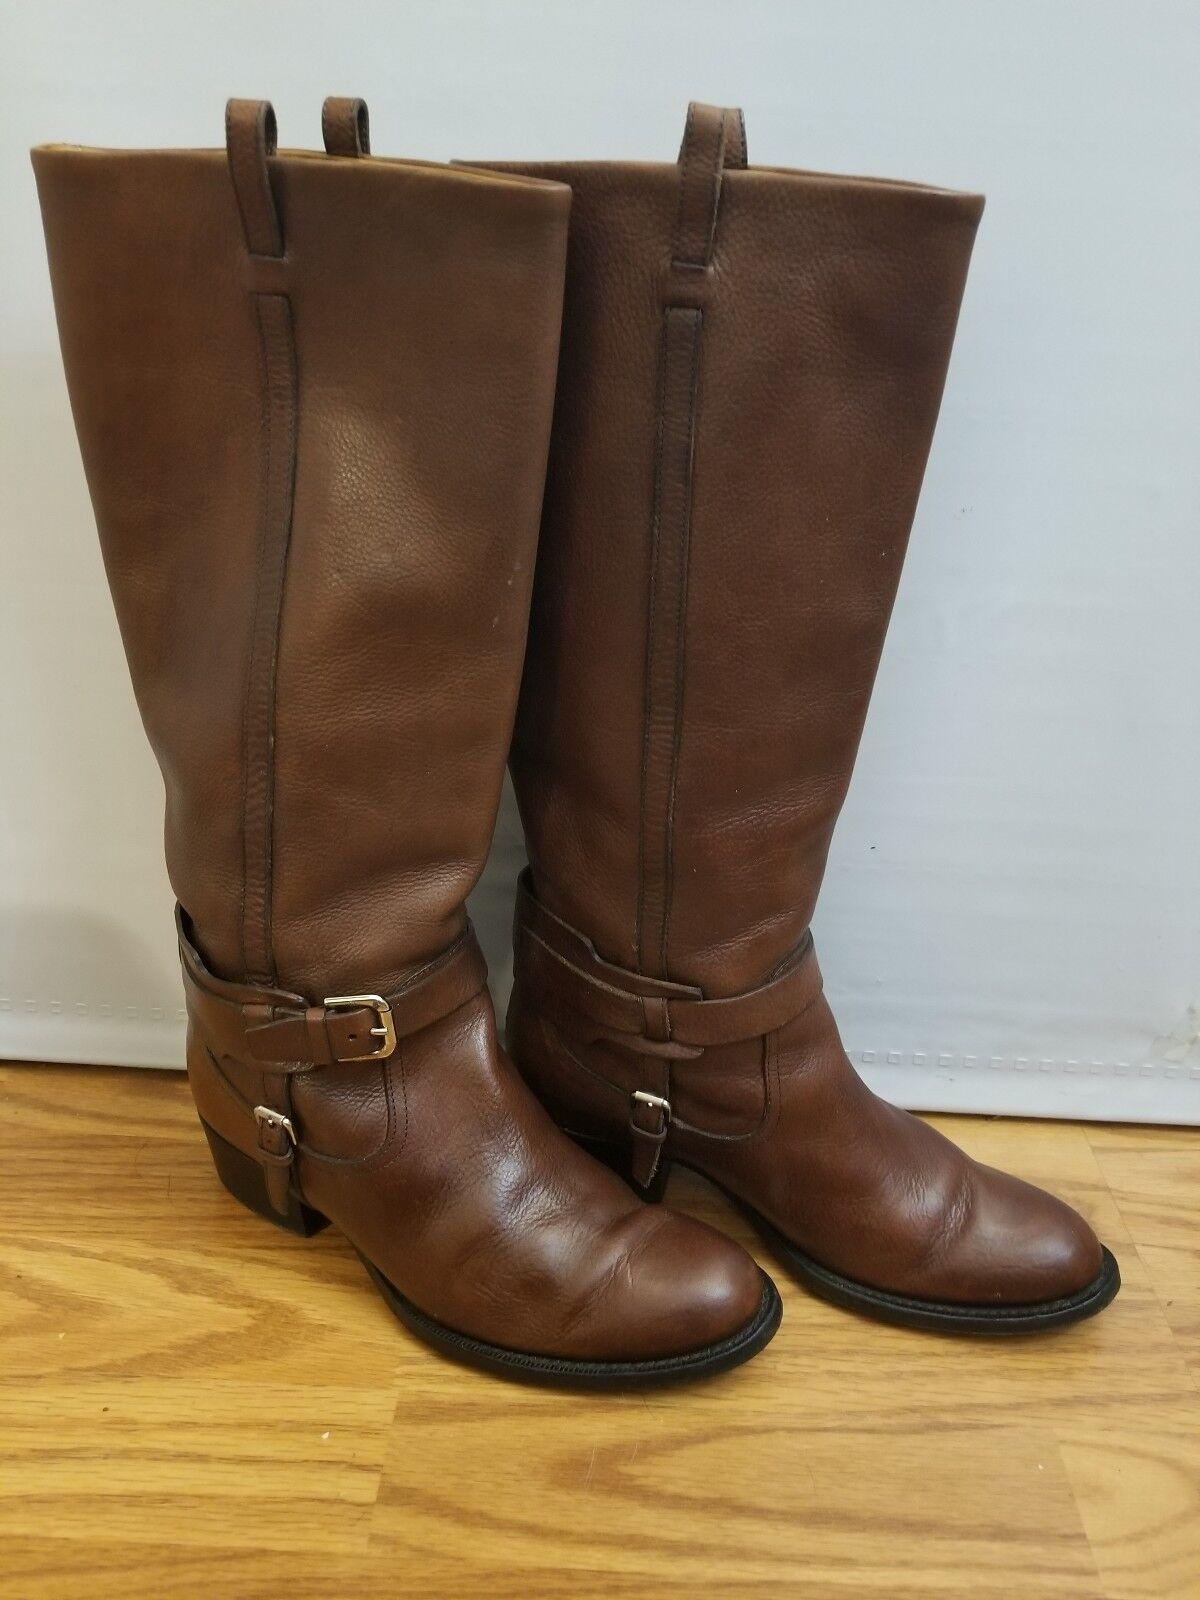 esclusivo Ralph Lauren Collection    donna stivali Dimensione 9 Chestnut Marrone Riding Leather   varie dimensioni